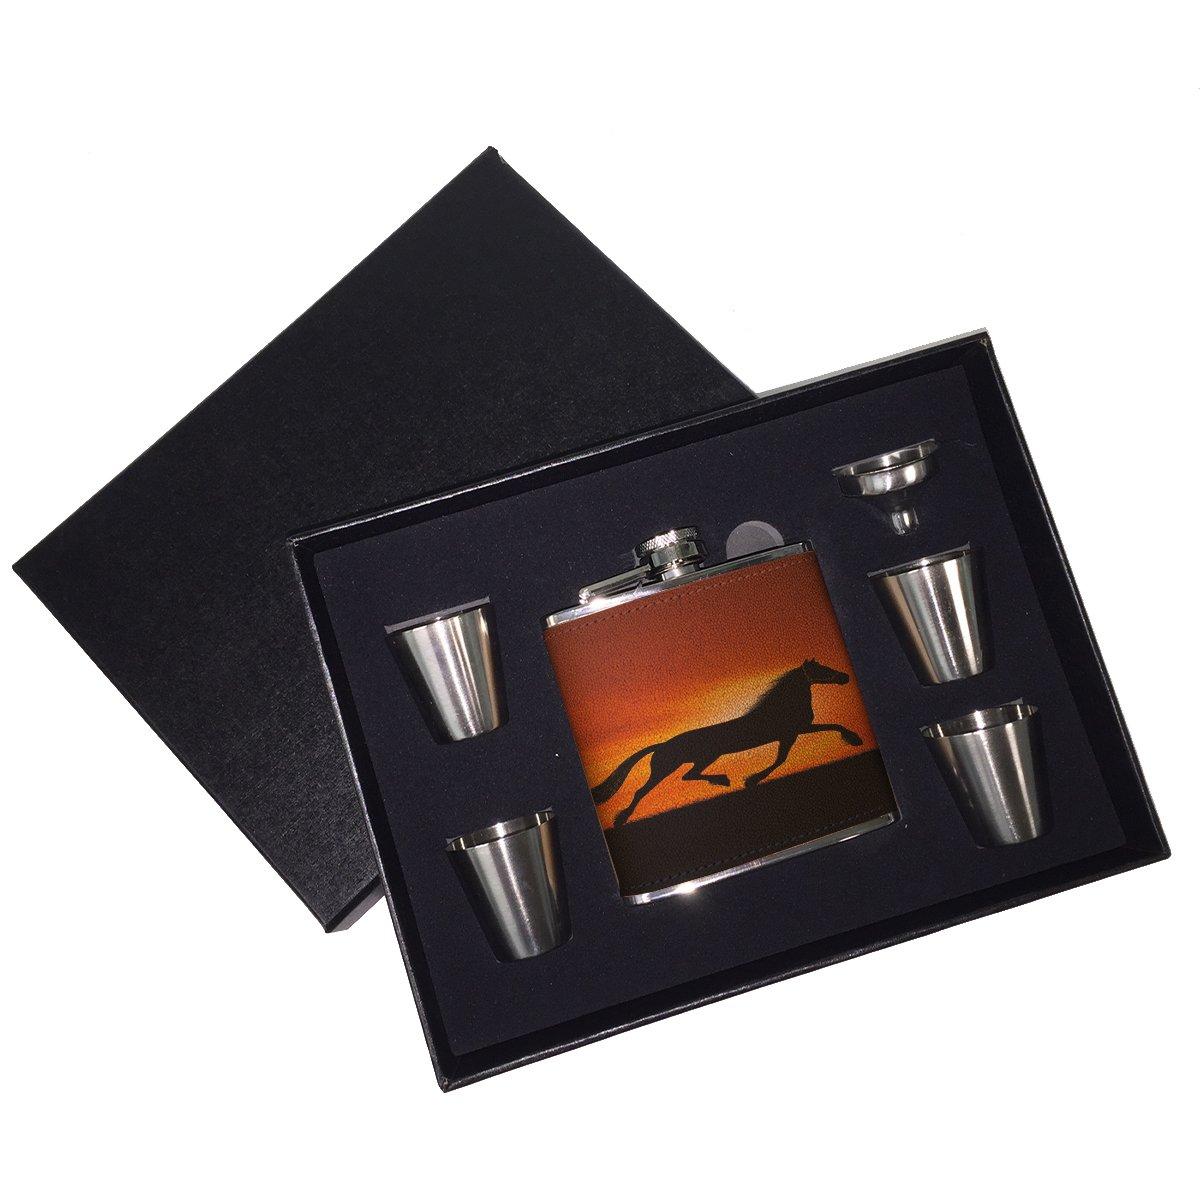 【 開梱 設置?無料 】 Sunset horse B01J18CQ3K horse Sunset – レザーフラスコギフトセット B01J18CQ3K, カルビハウスのキムチ屋さん:7f58fd05 --- importexportdigital.com